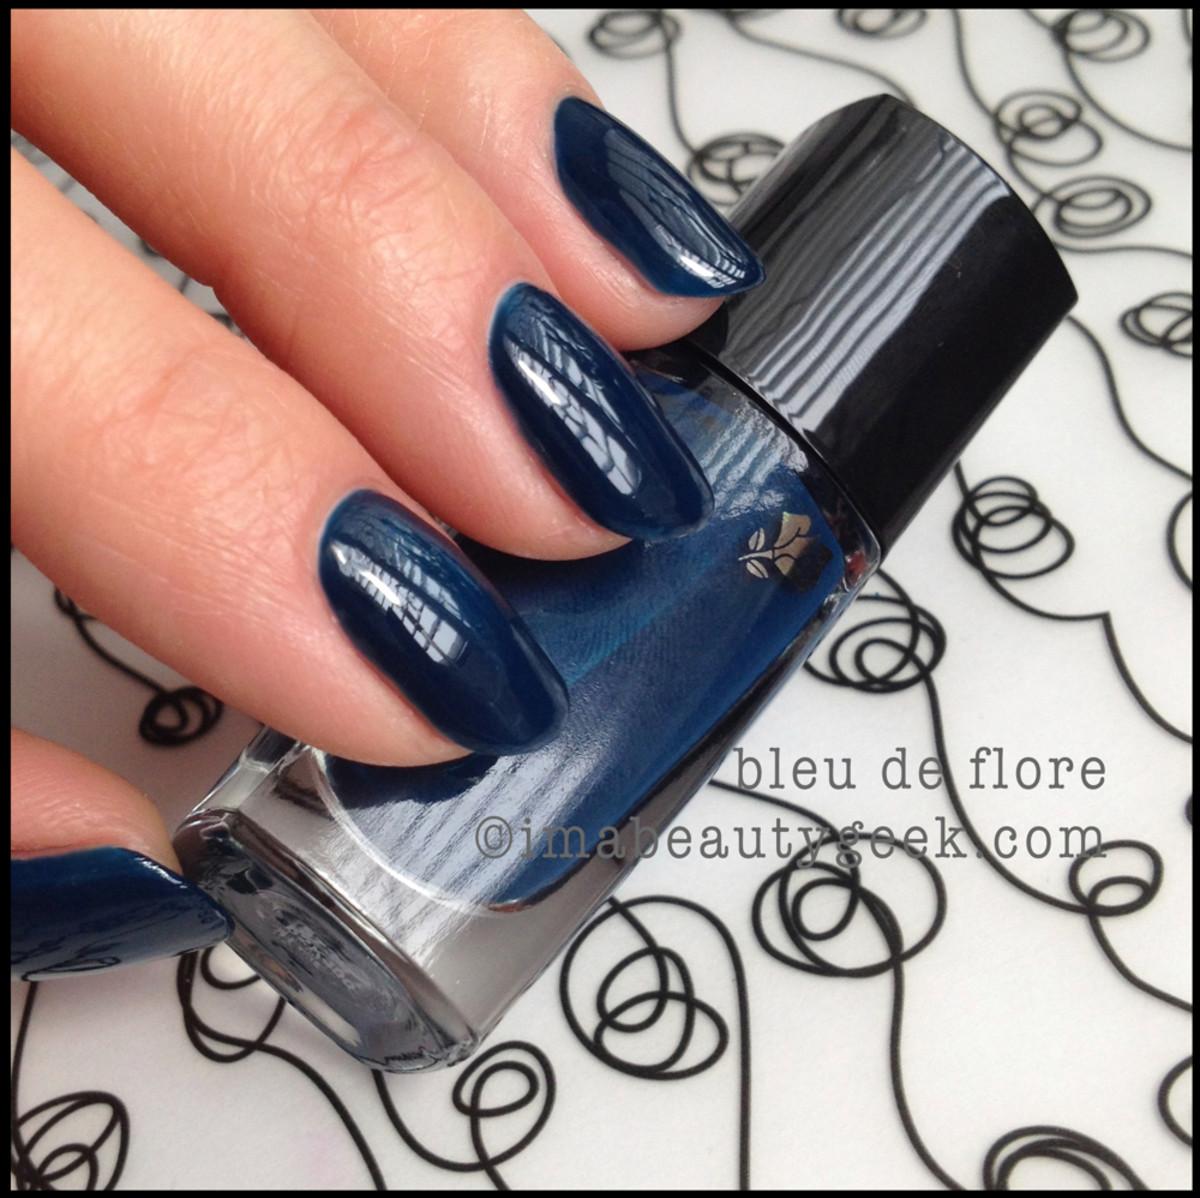 Lancome polish Blue de Flore